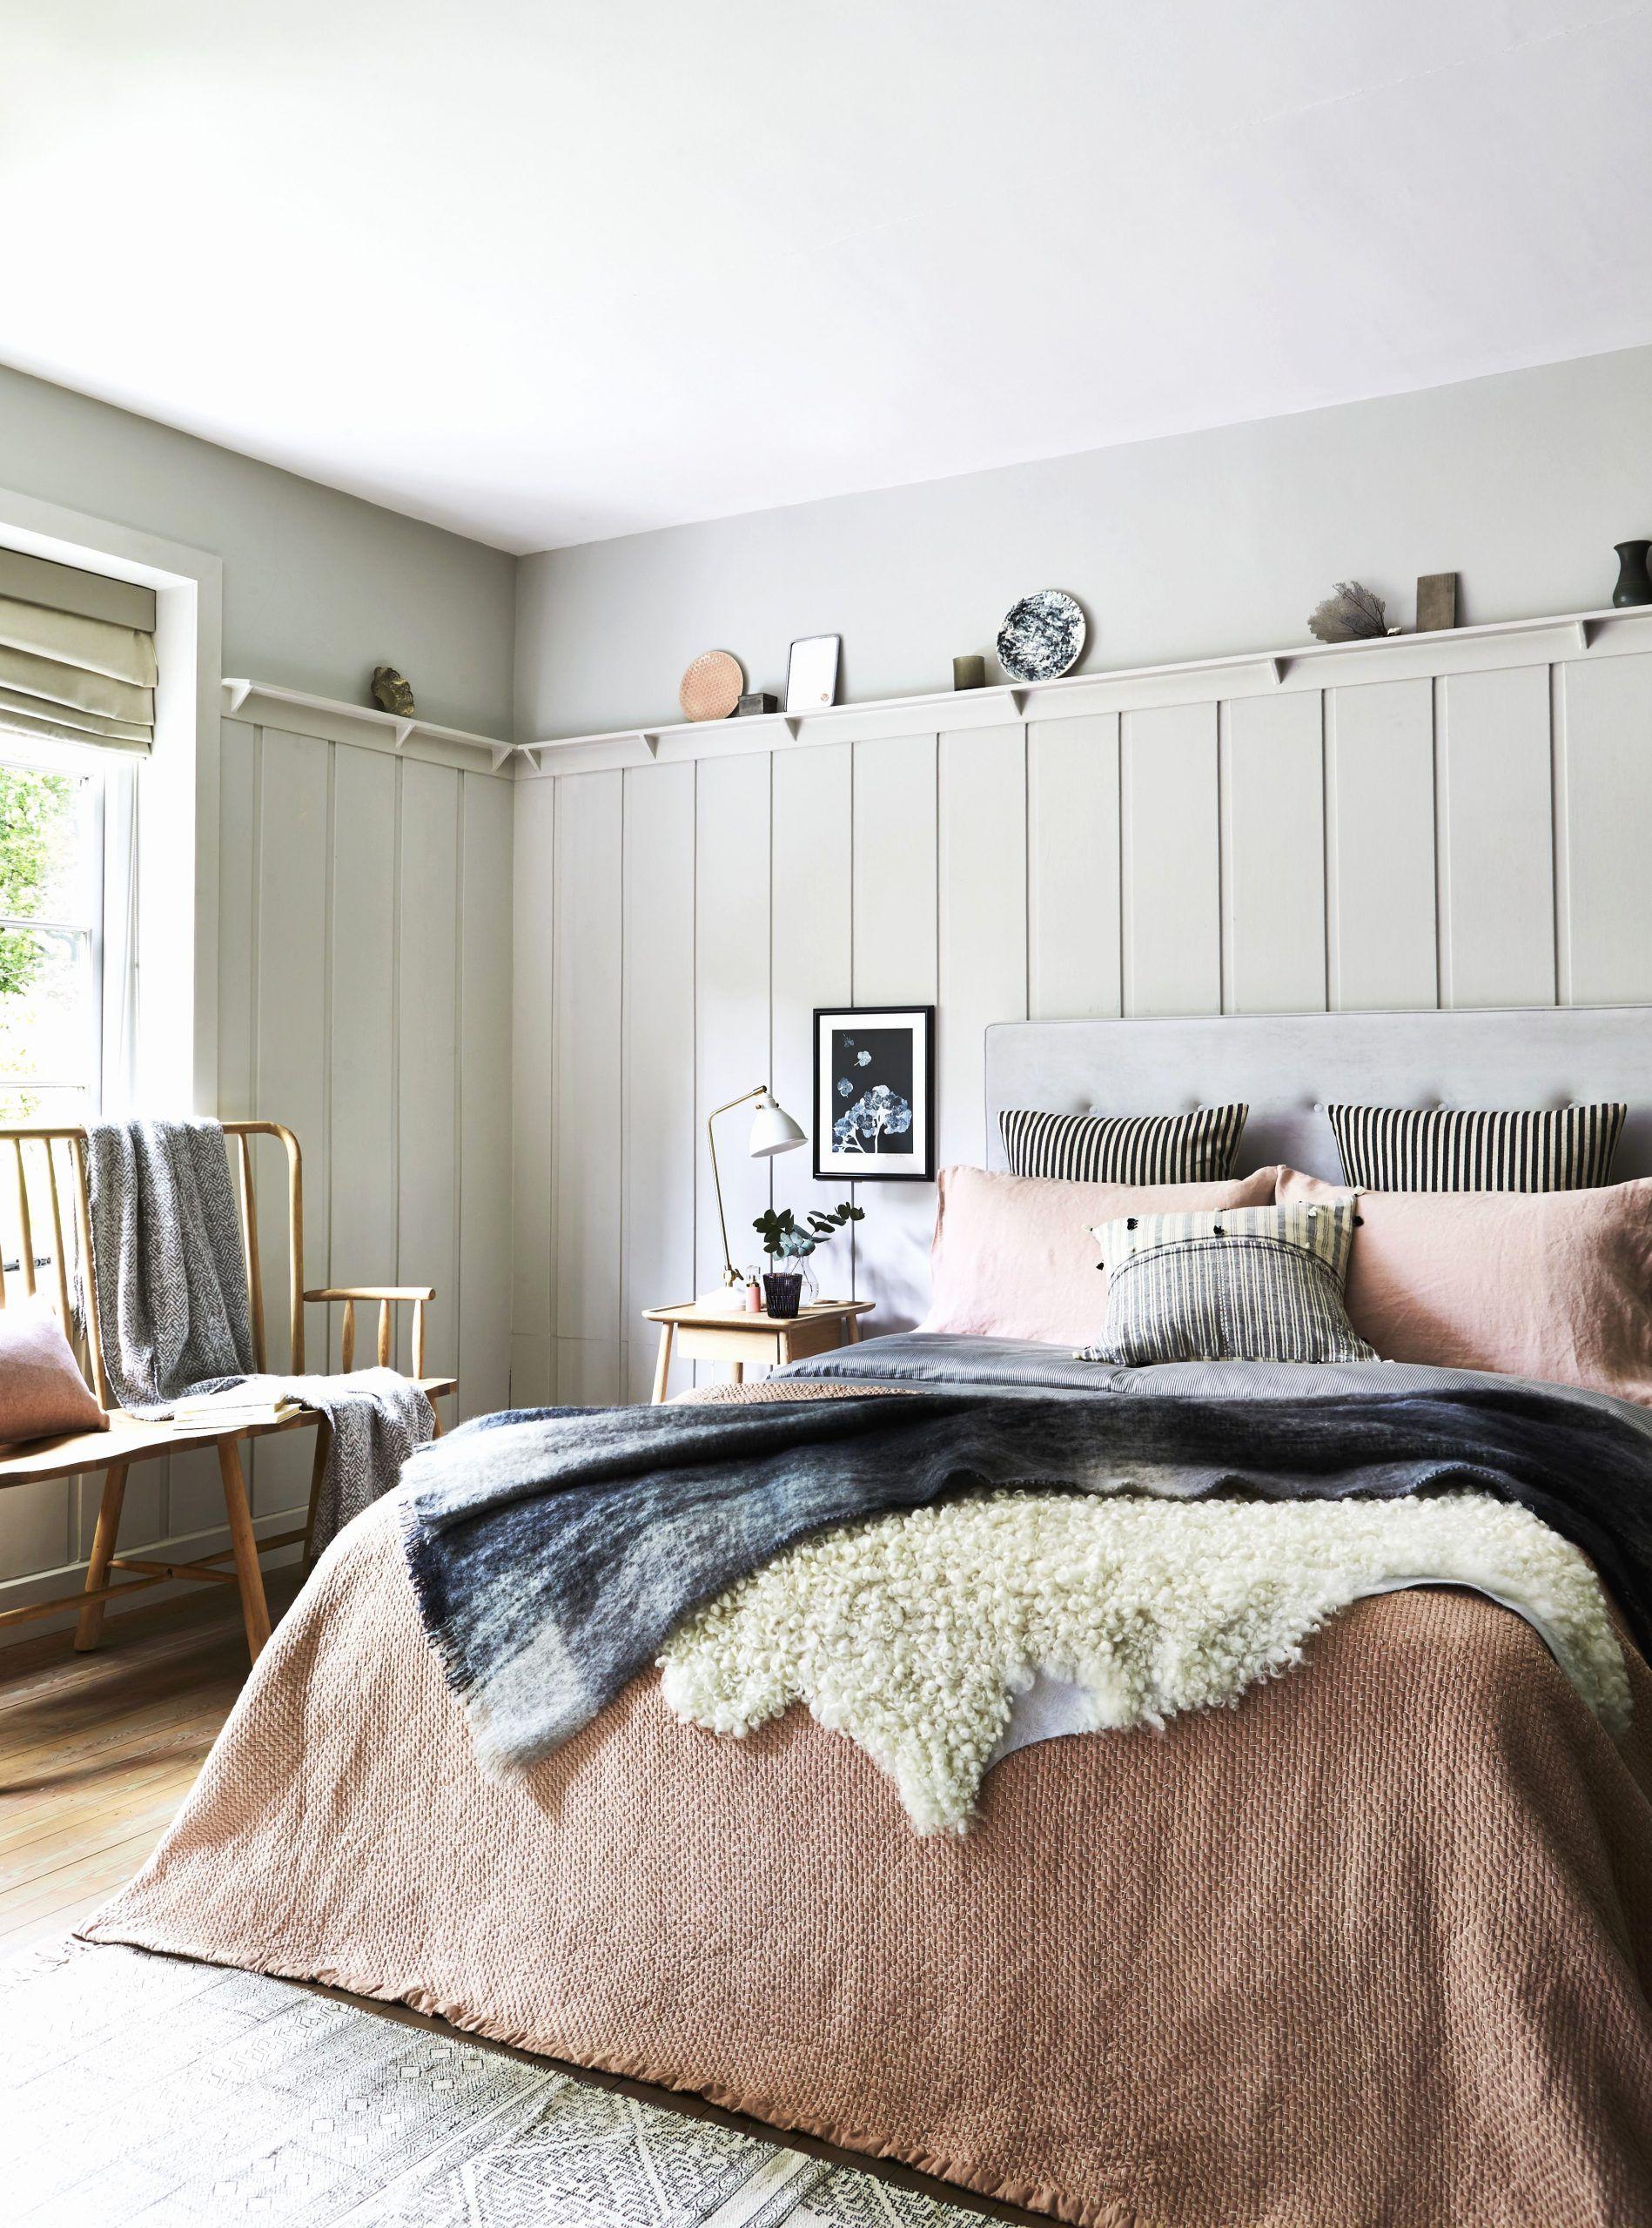 Mauve Lous Guest Bedroom Ideas A Simple Spare Room Refresh Guest Bedrooms Guest Bedroom Decor Guest Room Decor